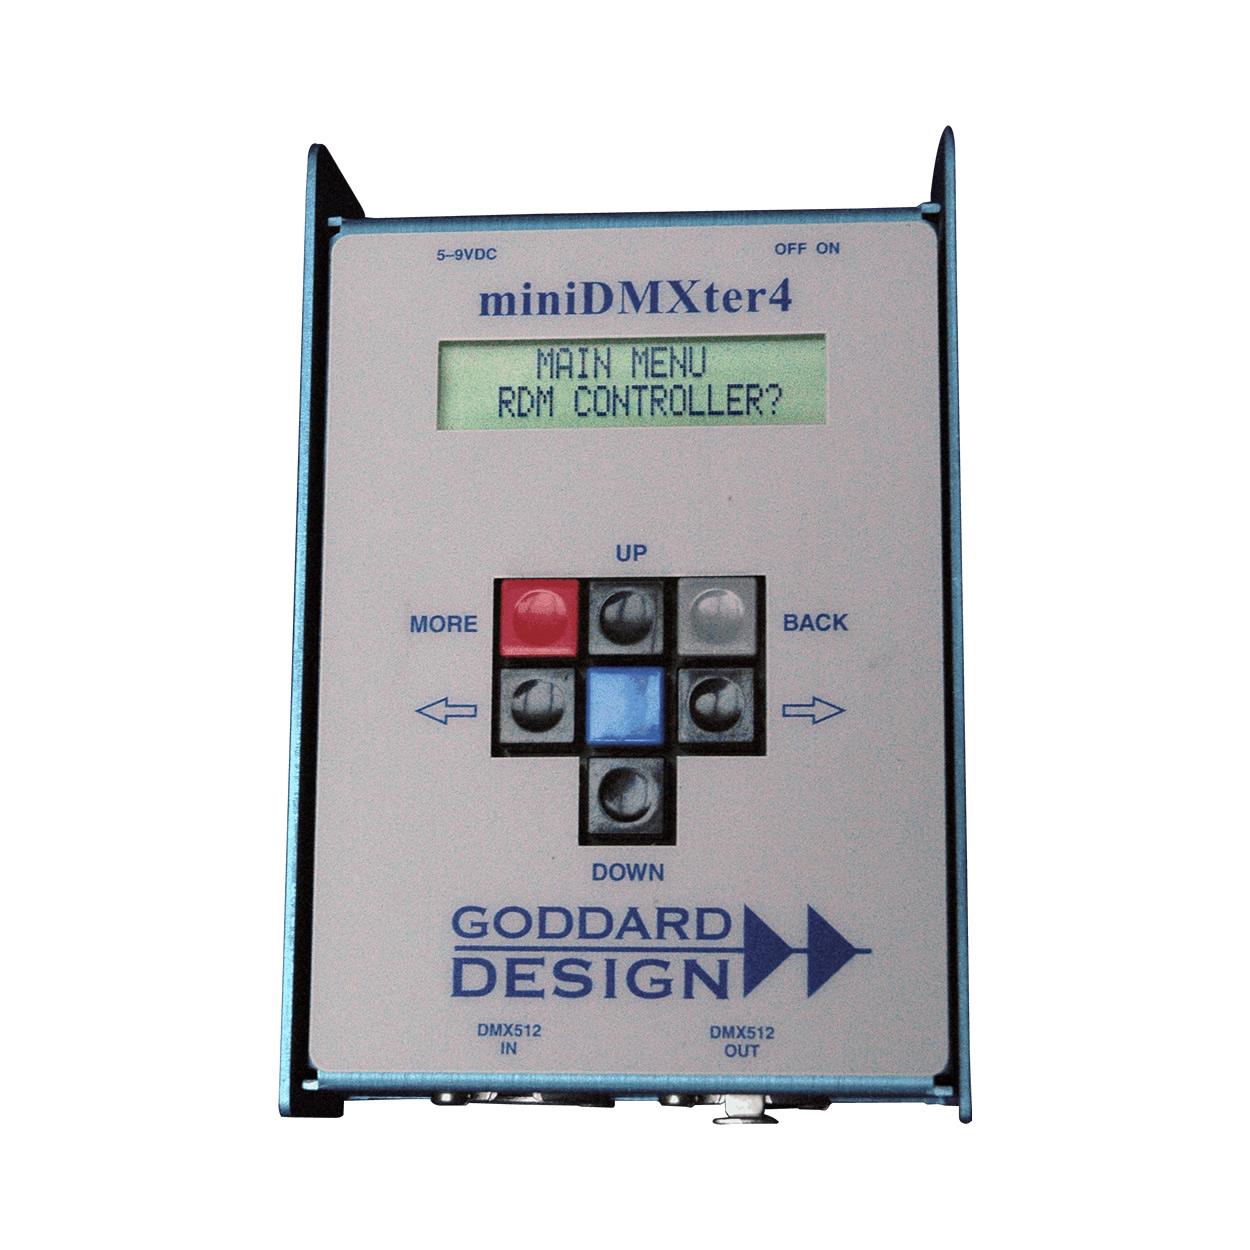 miniDMXter4